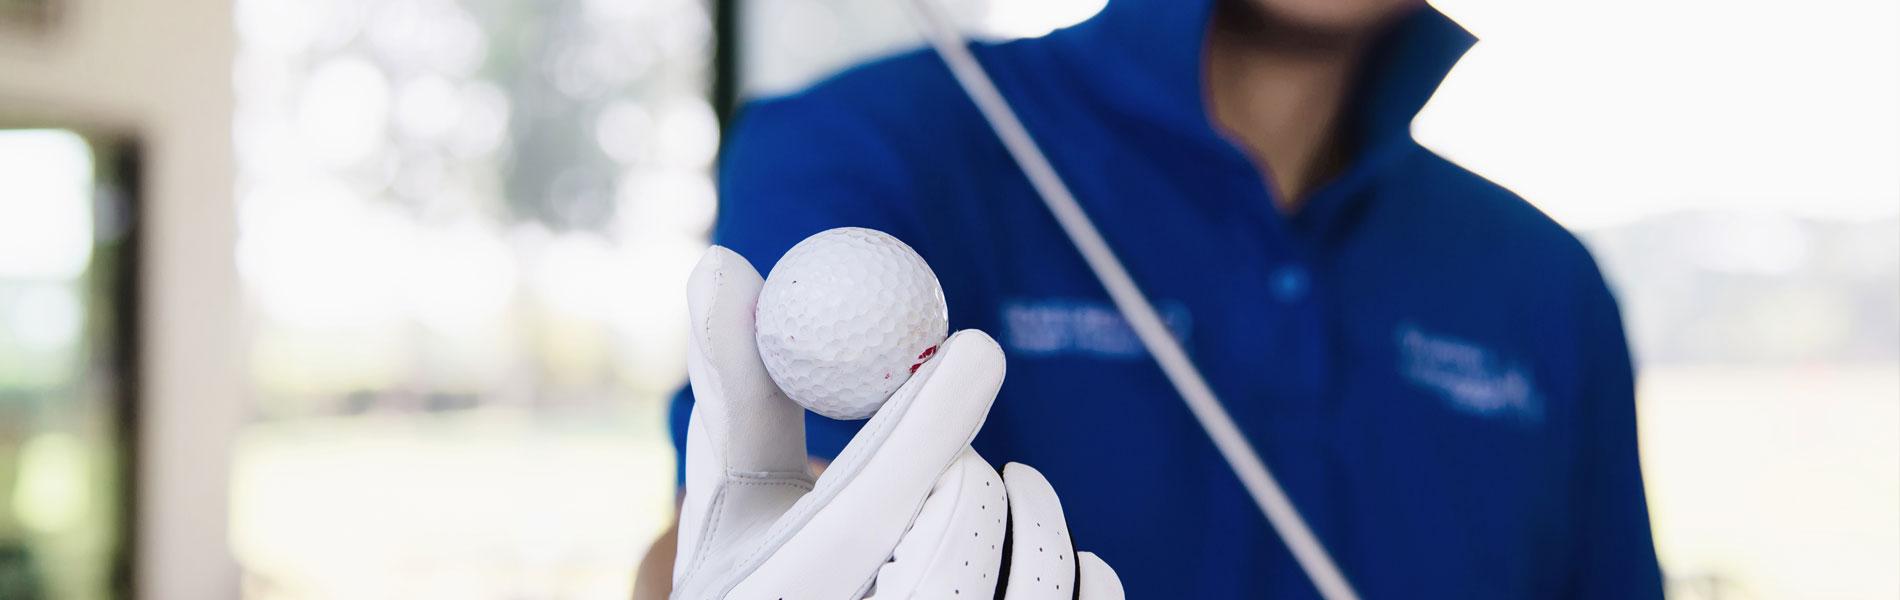 escuela-profesional-de-golf-jason-floyd